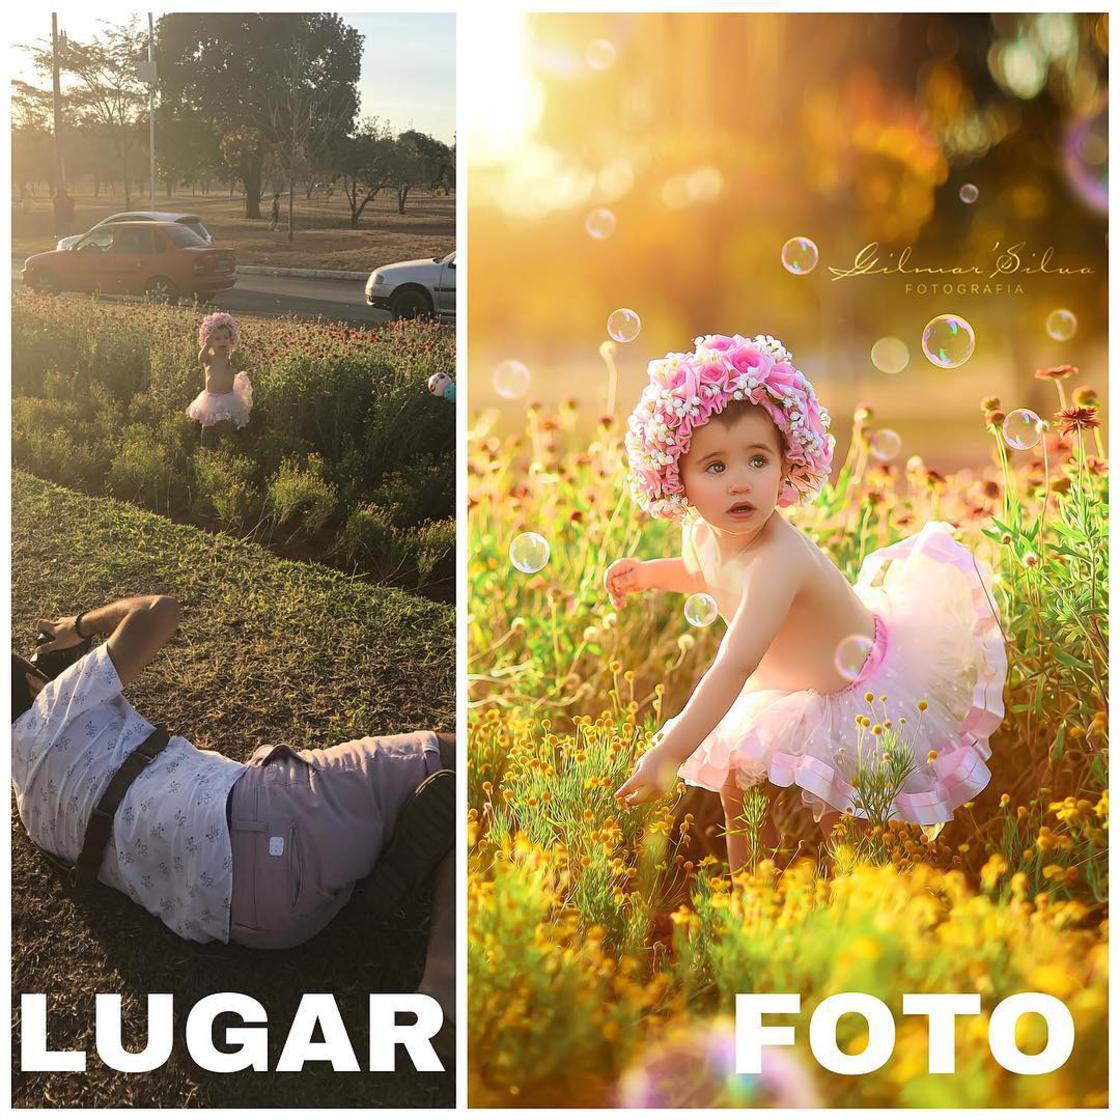 Découvrez les coulisses de photos de grossesses d'un photographe. 5